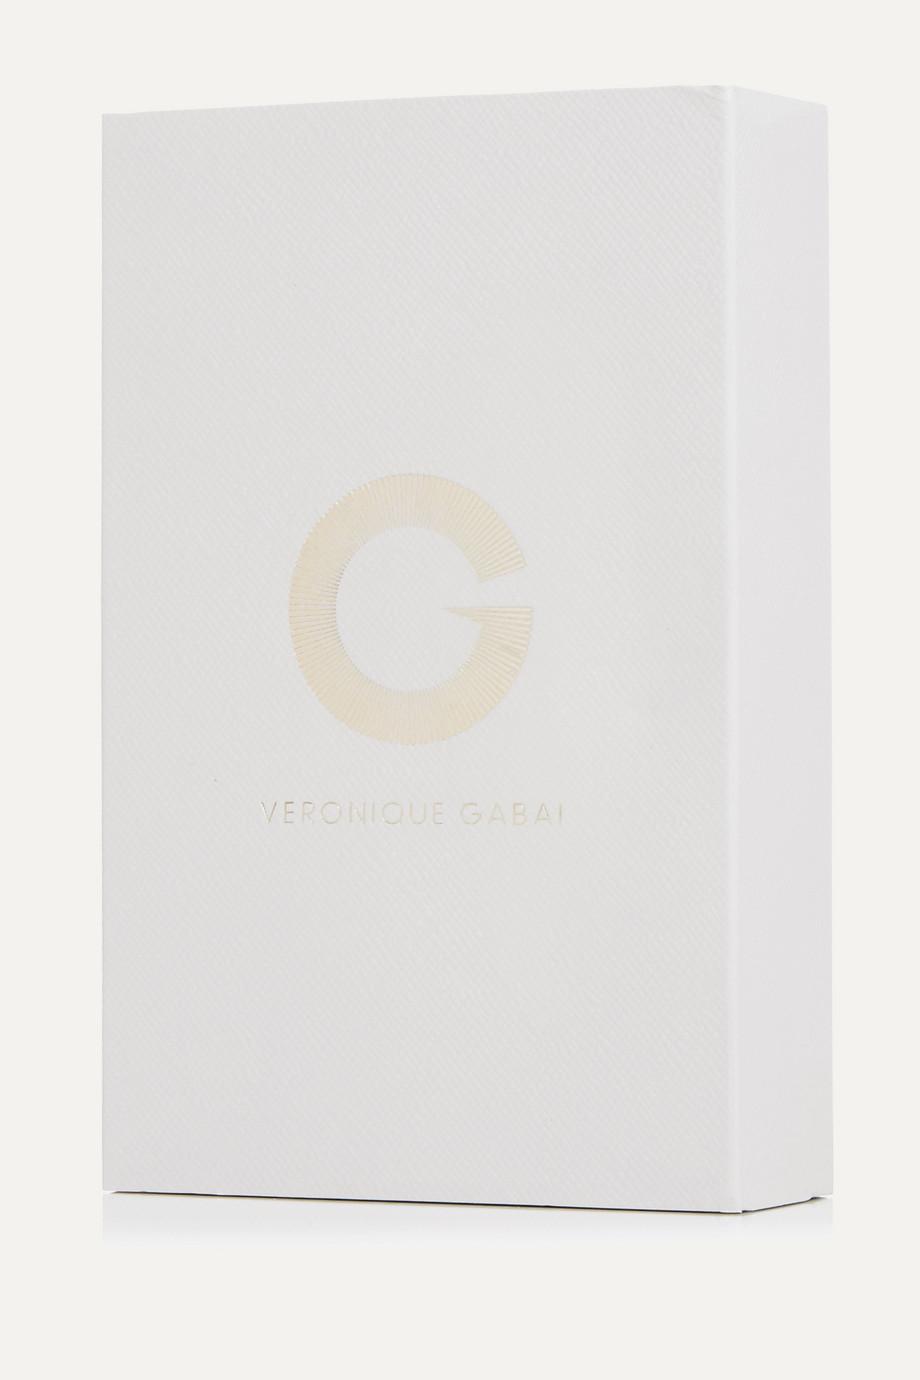 Veronique Gabai Eau de Parfum Travel Case Refill - Eau du Jour, 10ml